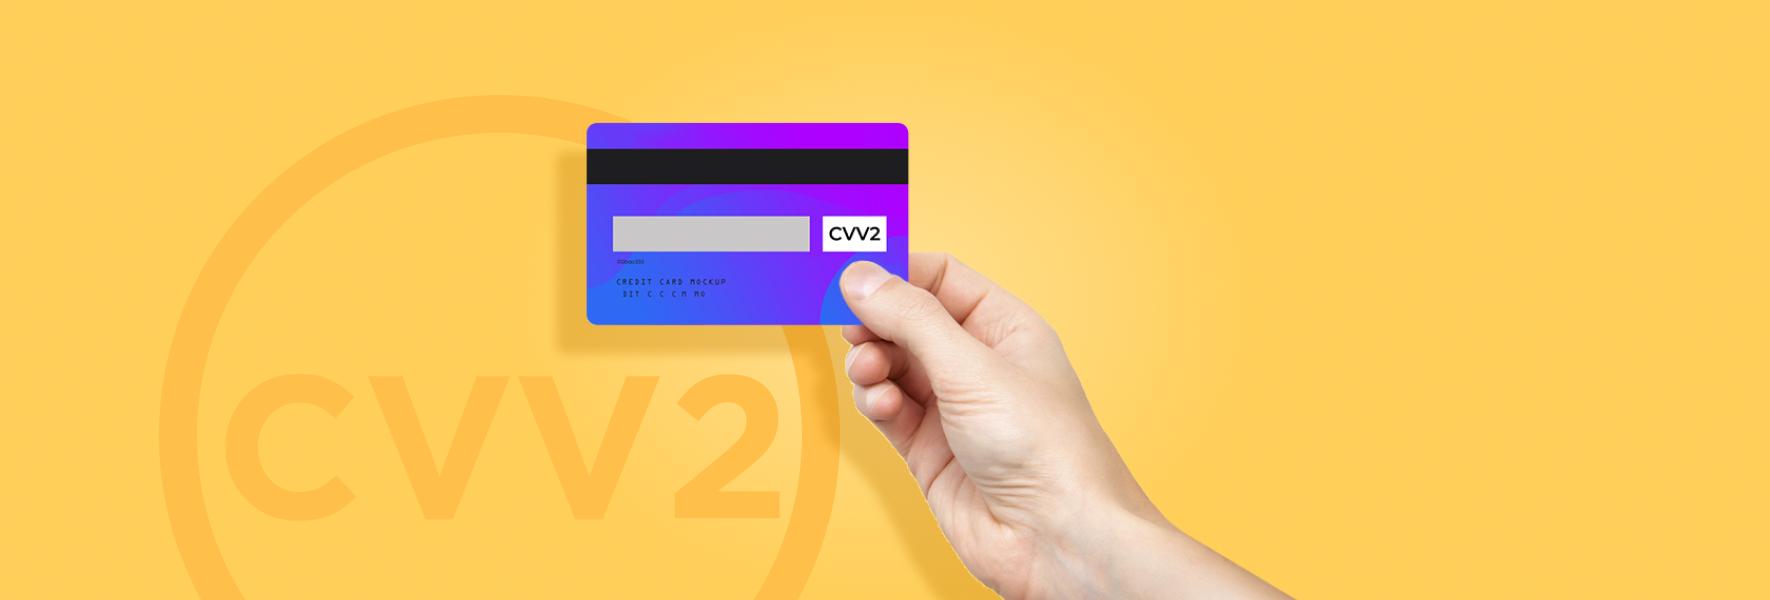 cvv-2